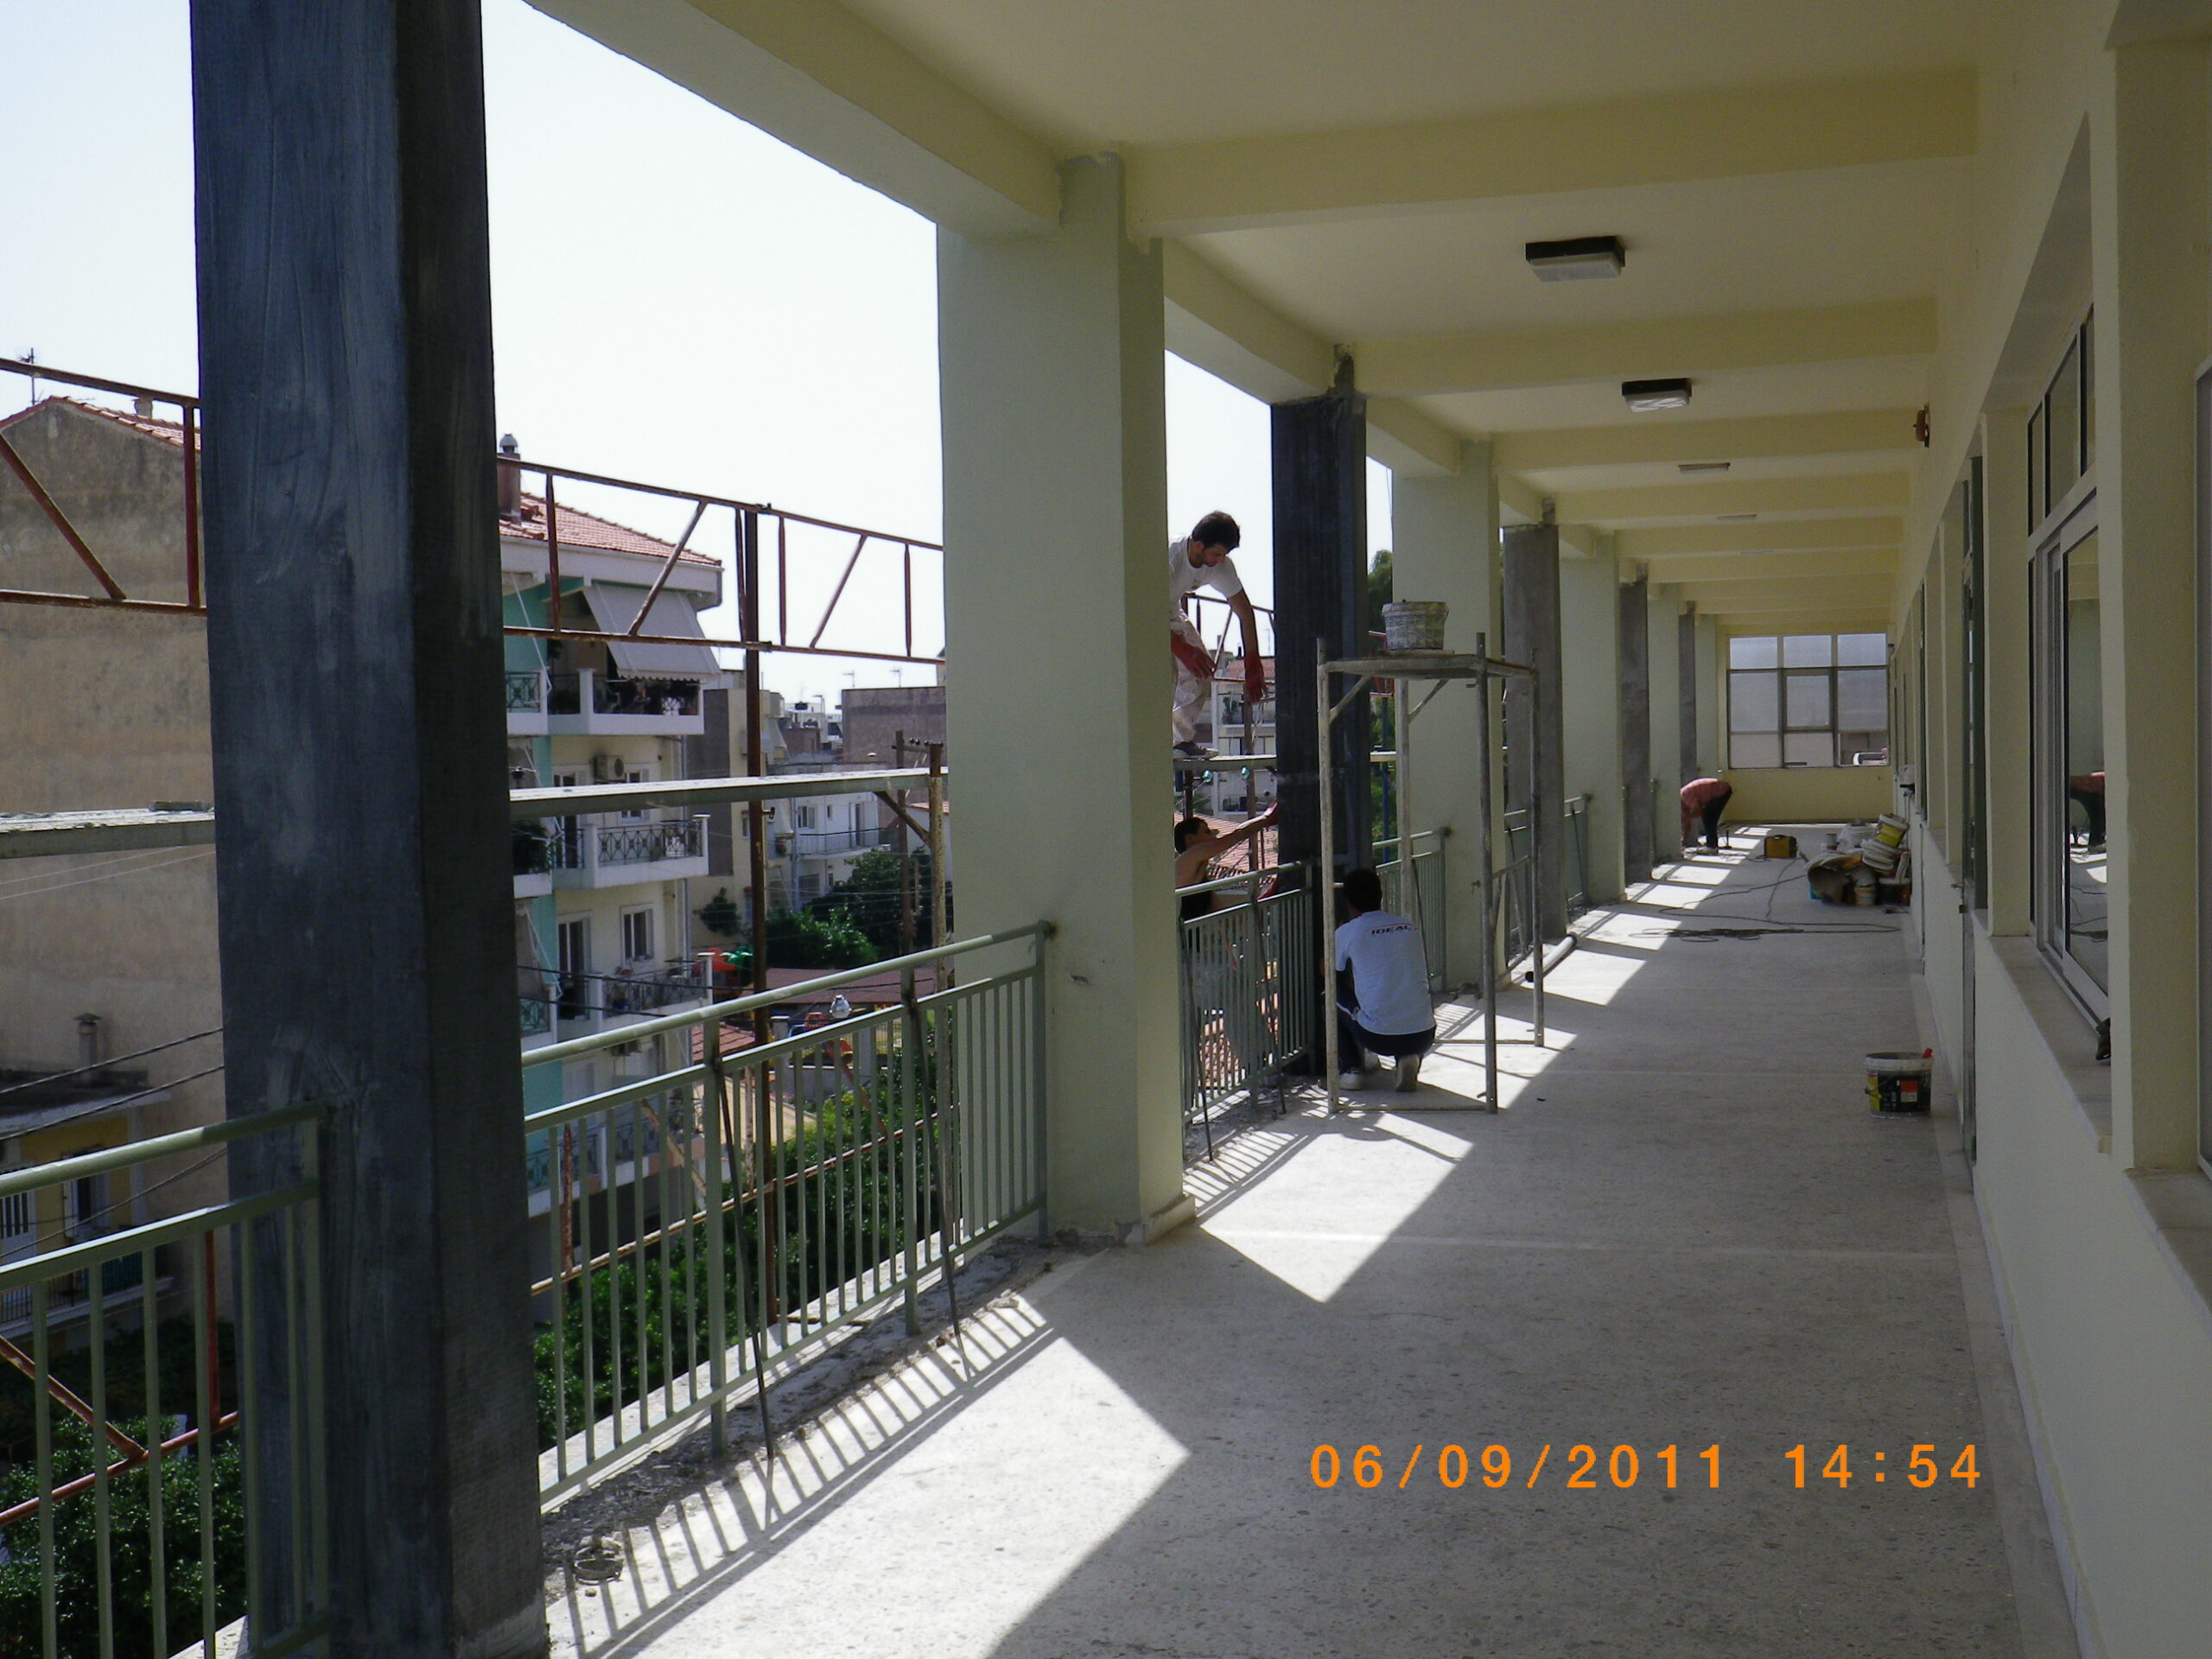 στατικη ενισχυση κτηριου με ανθρακωνυματα ΕΠΑΛ Ναυπακτου